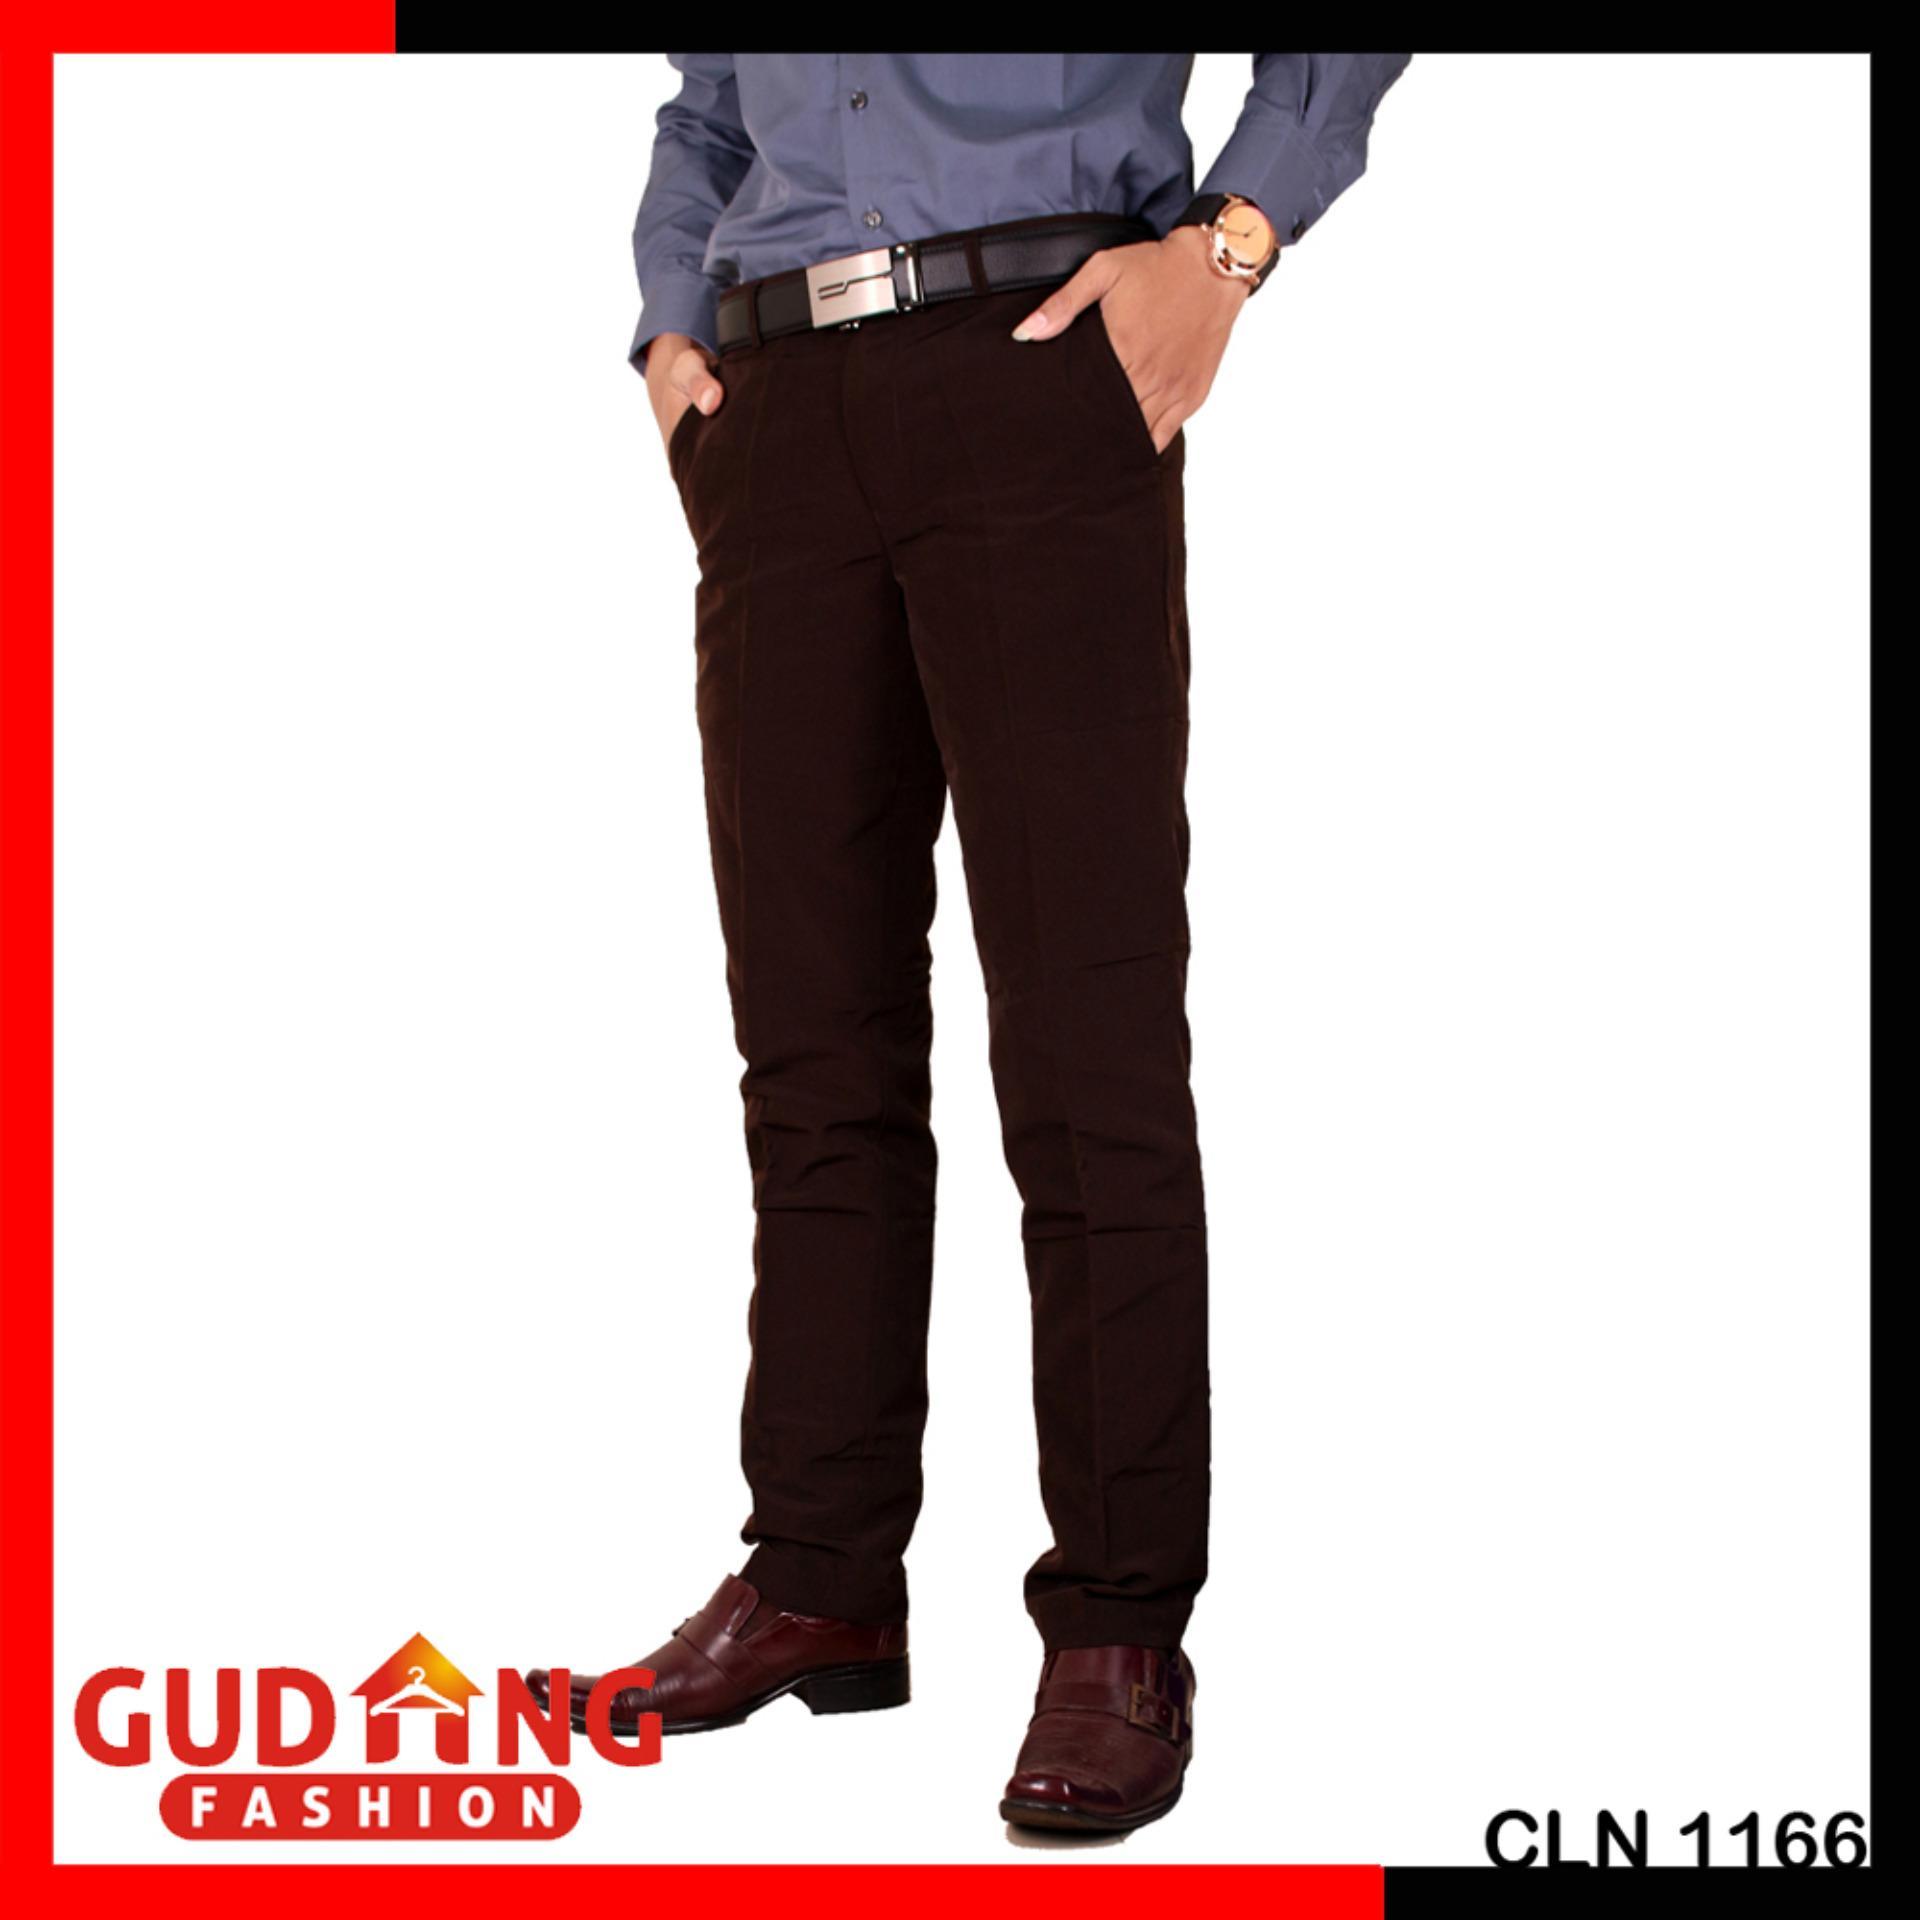 Gudang Fashion - Celana Panjang Formal Slim Fit Pria Kantoran